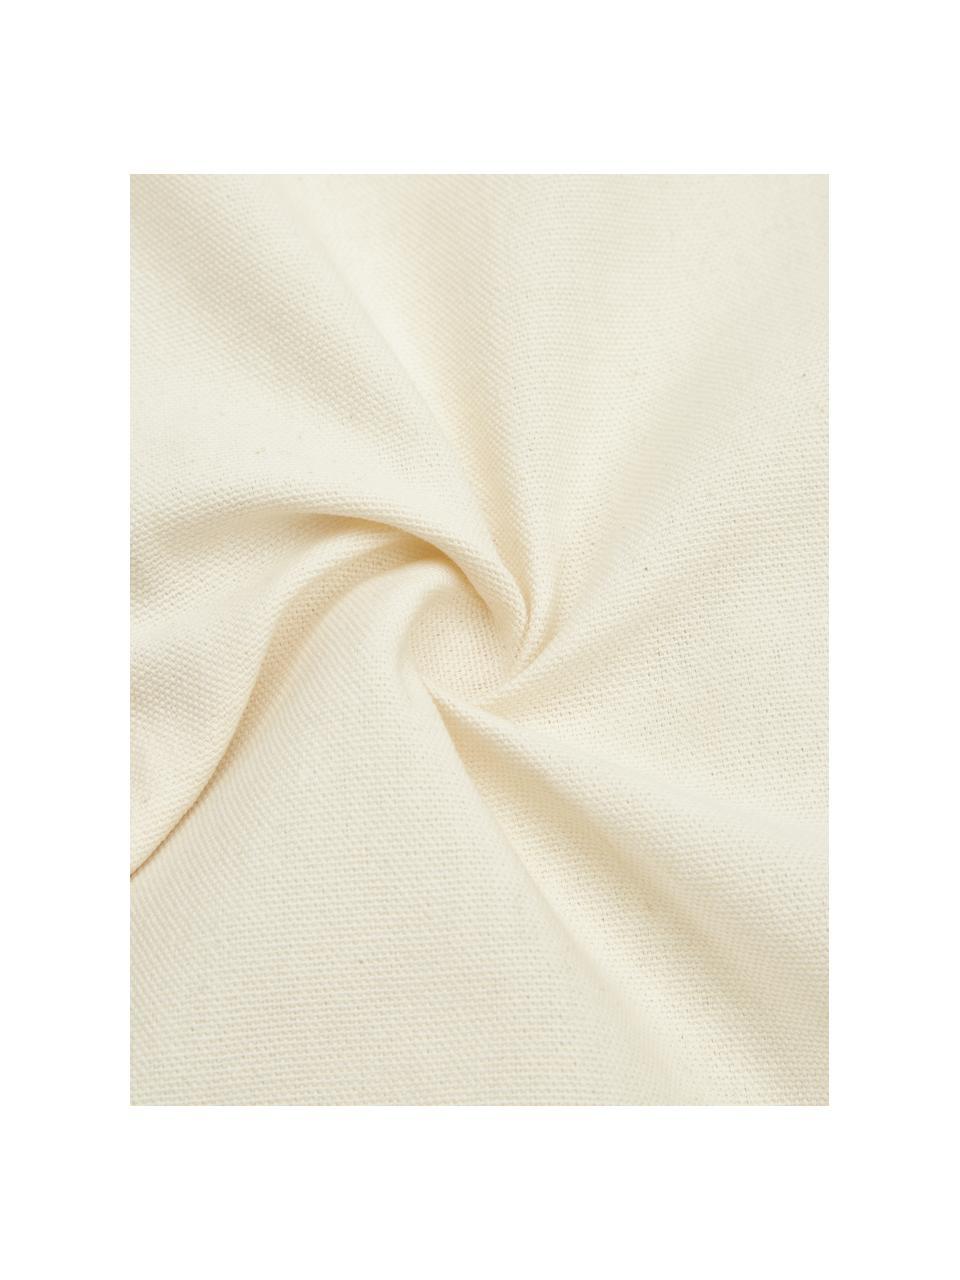 Kissenhülle Jolina mit dekorativer Verzierung, 100% Baumwolle, Beige, 30 x 50 cm